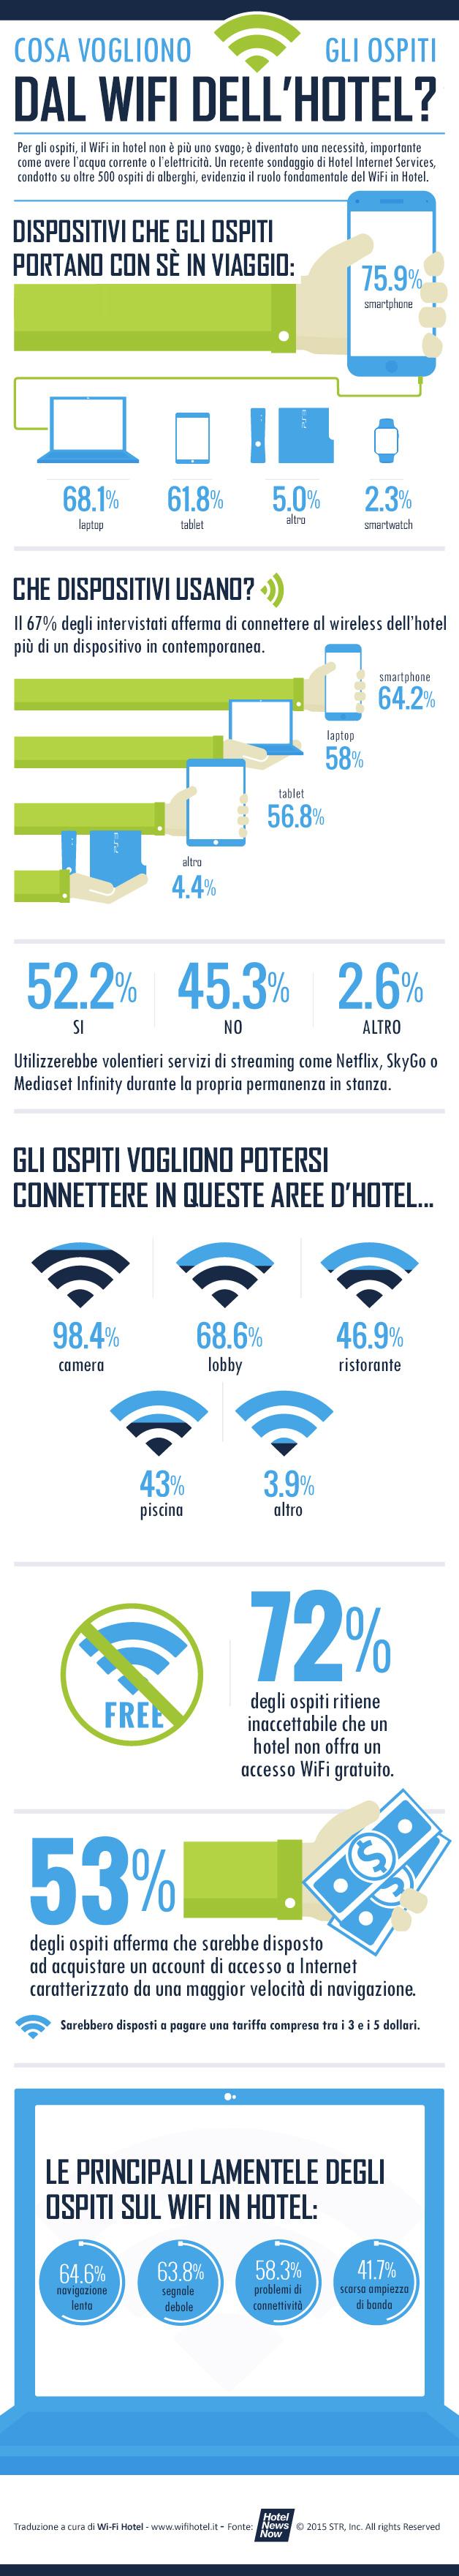 Infografica di Hotel News Now tradotta in Italiano e contenente dati relativi a ciò che chiedono gli ospiti degli hotel al WiFi in albergo.